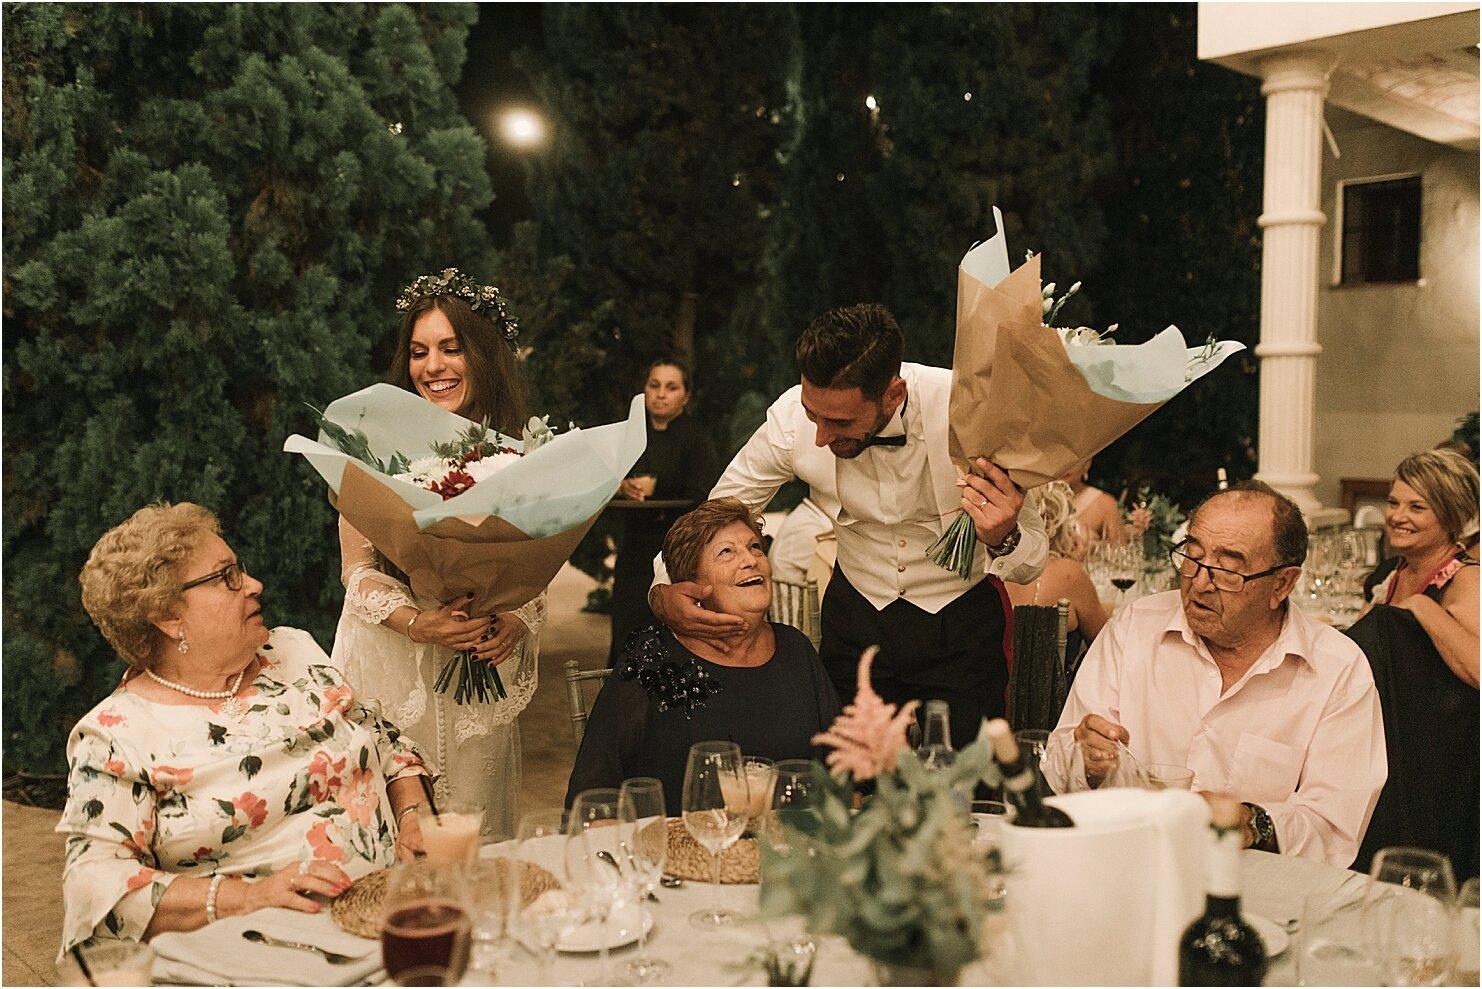 boda-romantica-boda-boho-vestido-de-novia-laura-lomas82.jpg